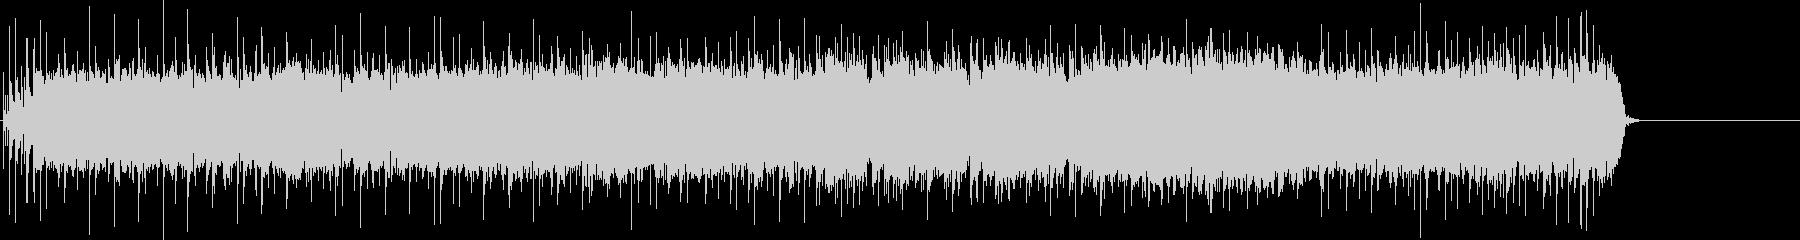 タイトなリフのマイナー・ロック/ハードの未再生の波形